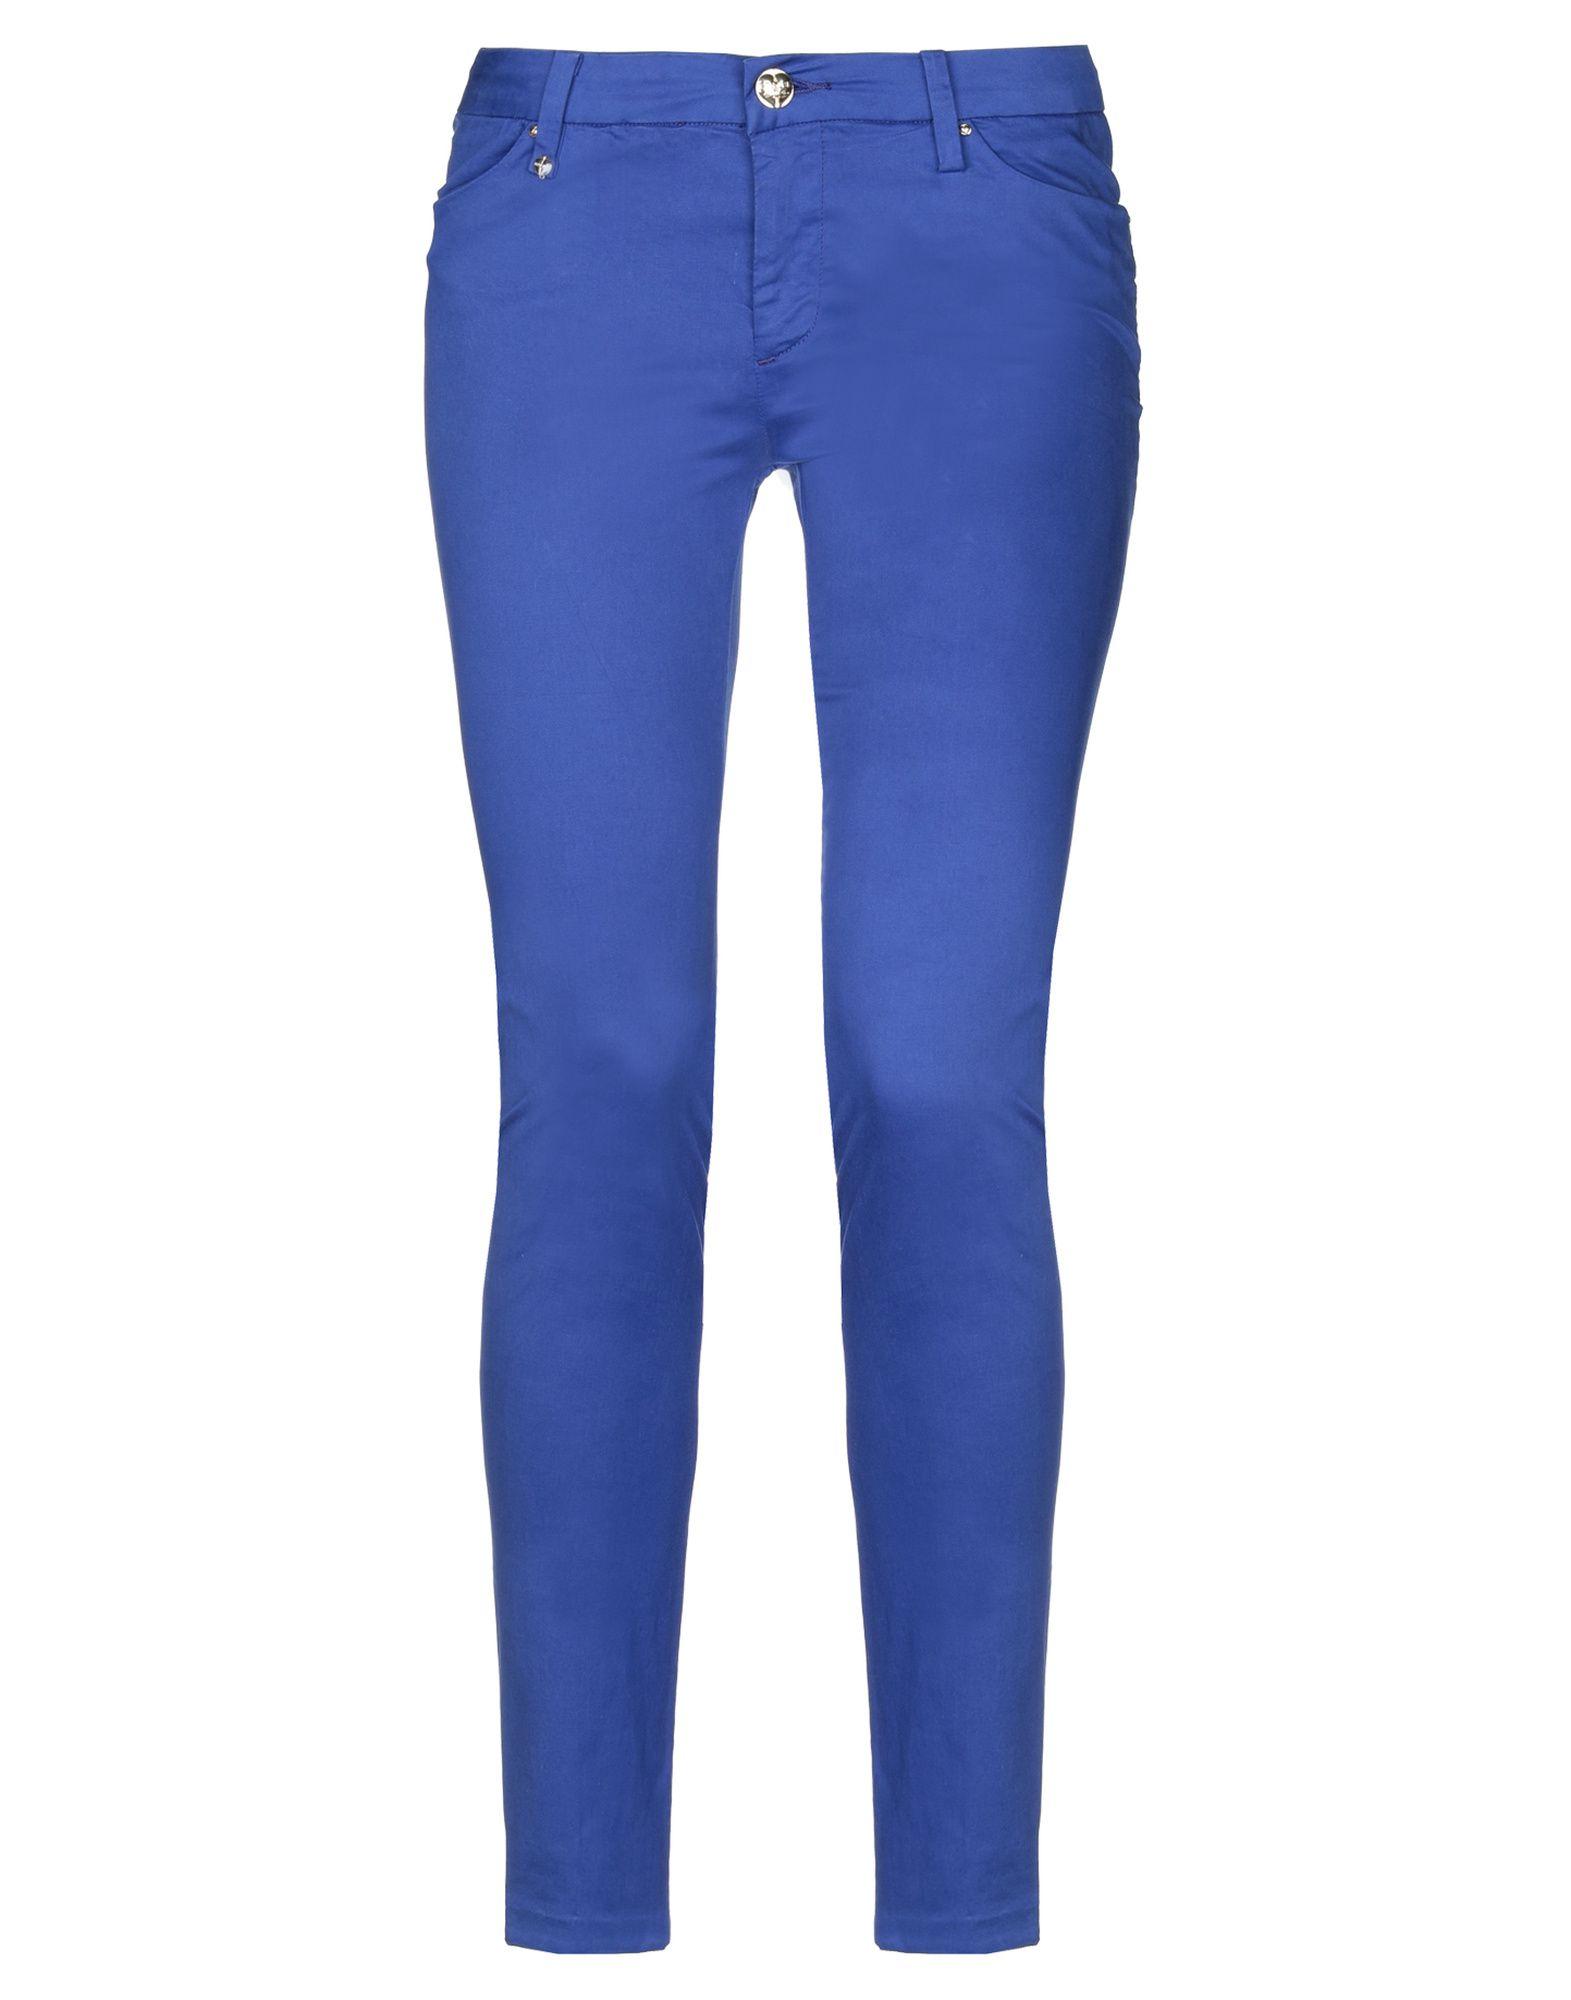 купить LEROCK Повседневные брюки по цене 2200 рублей